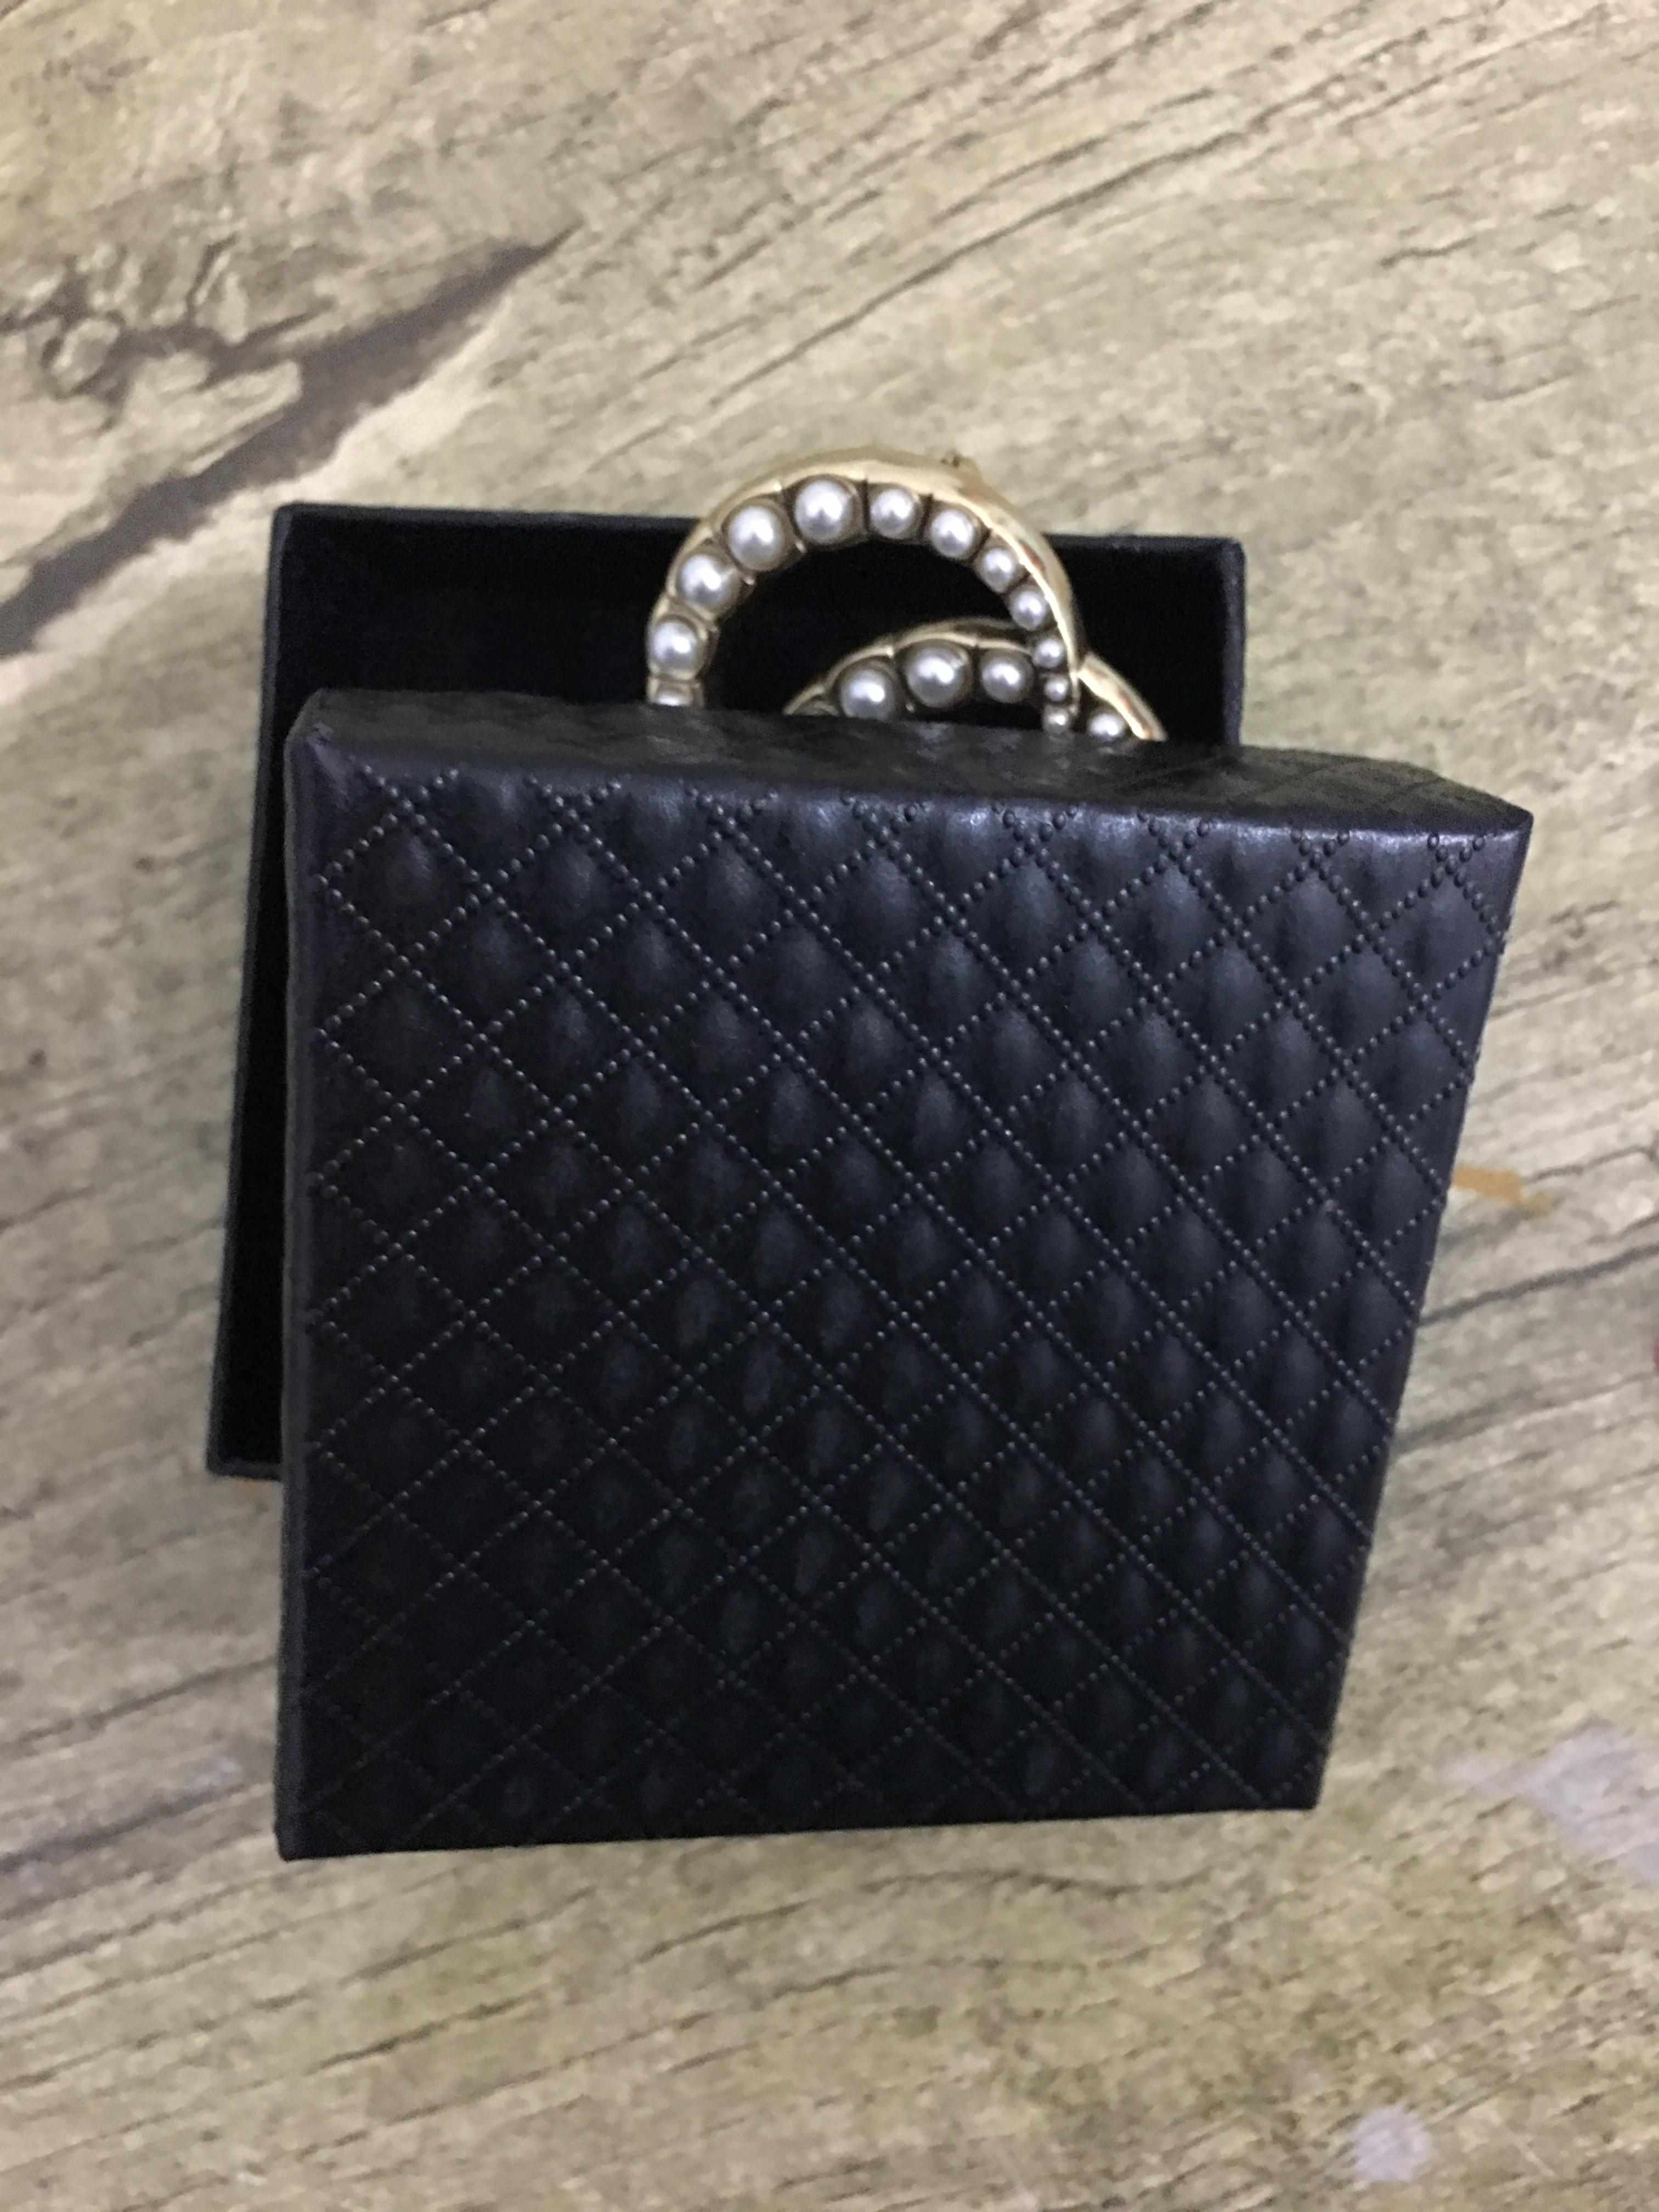 2021 Broche française européenne et américaine Broche simple Veste à la mode avec des perles de diamants, sans décoration, grande marque, livraison rapide de haute qualité